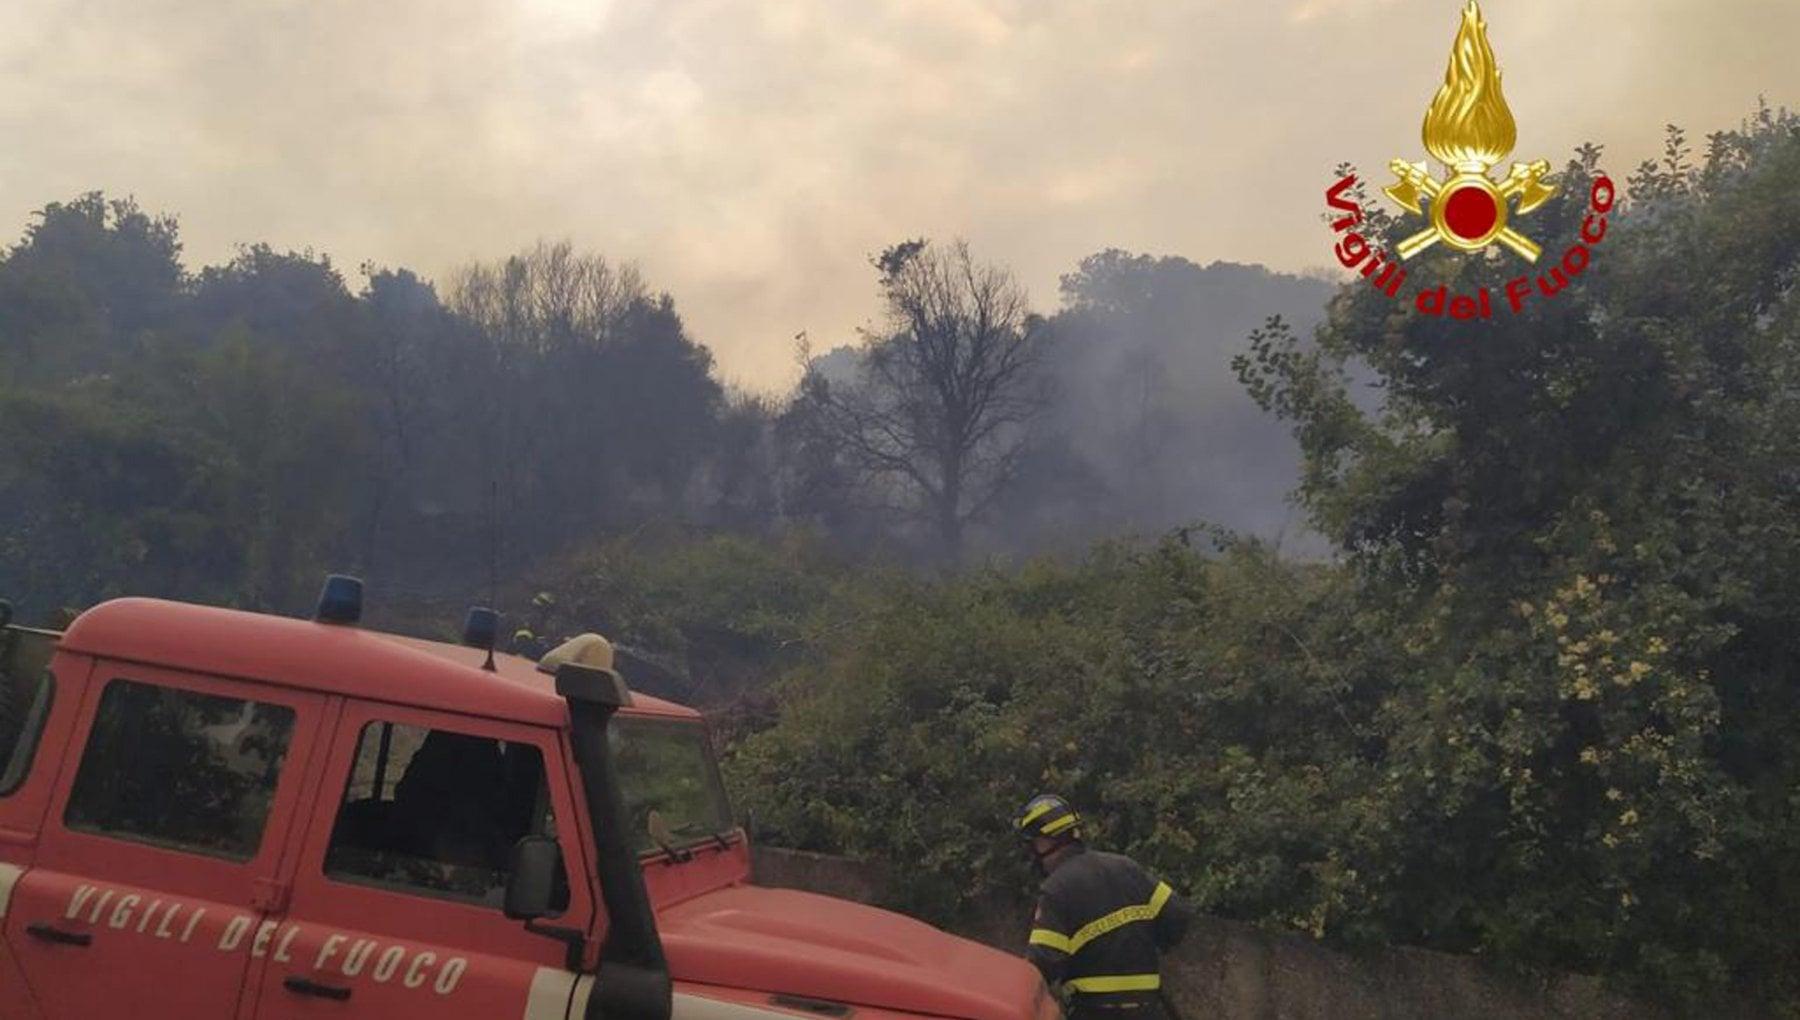 012742296 963d5088 fa81 4f49 ac71 3de2e13ba22d - Rogo nell'Oristanese, le fiamme raggiungono il centro abitato di Cuglieri